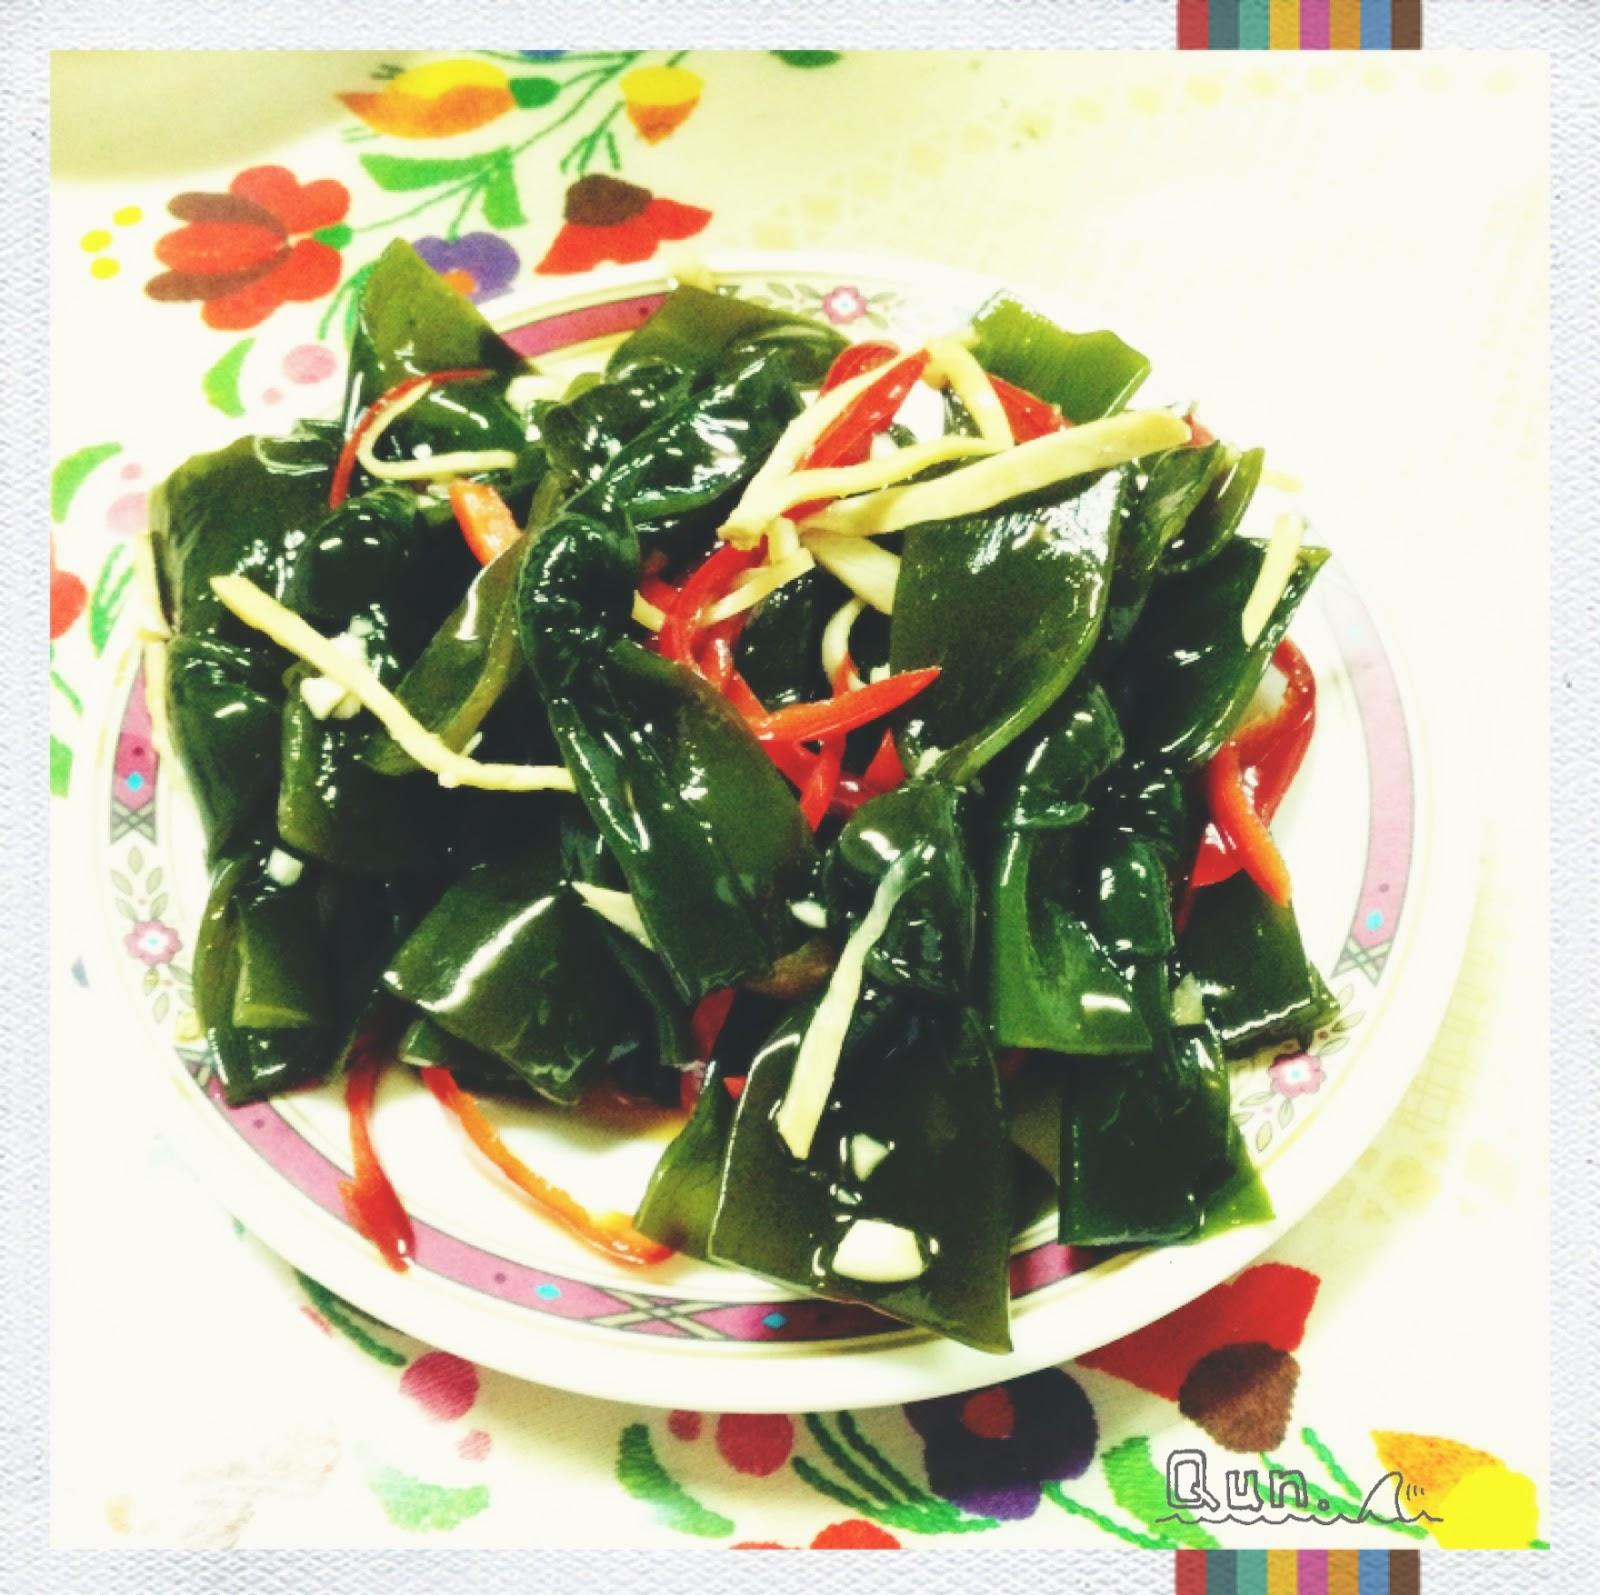 Qun. : 20130221 昨天吃水餃莊